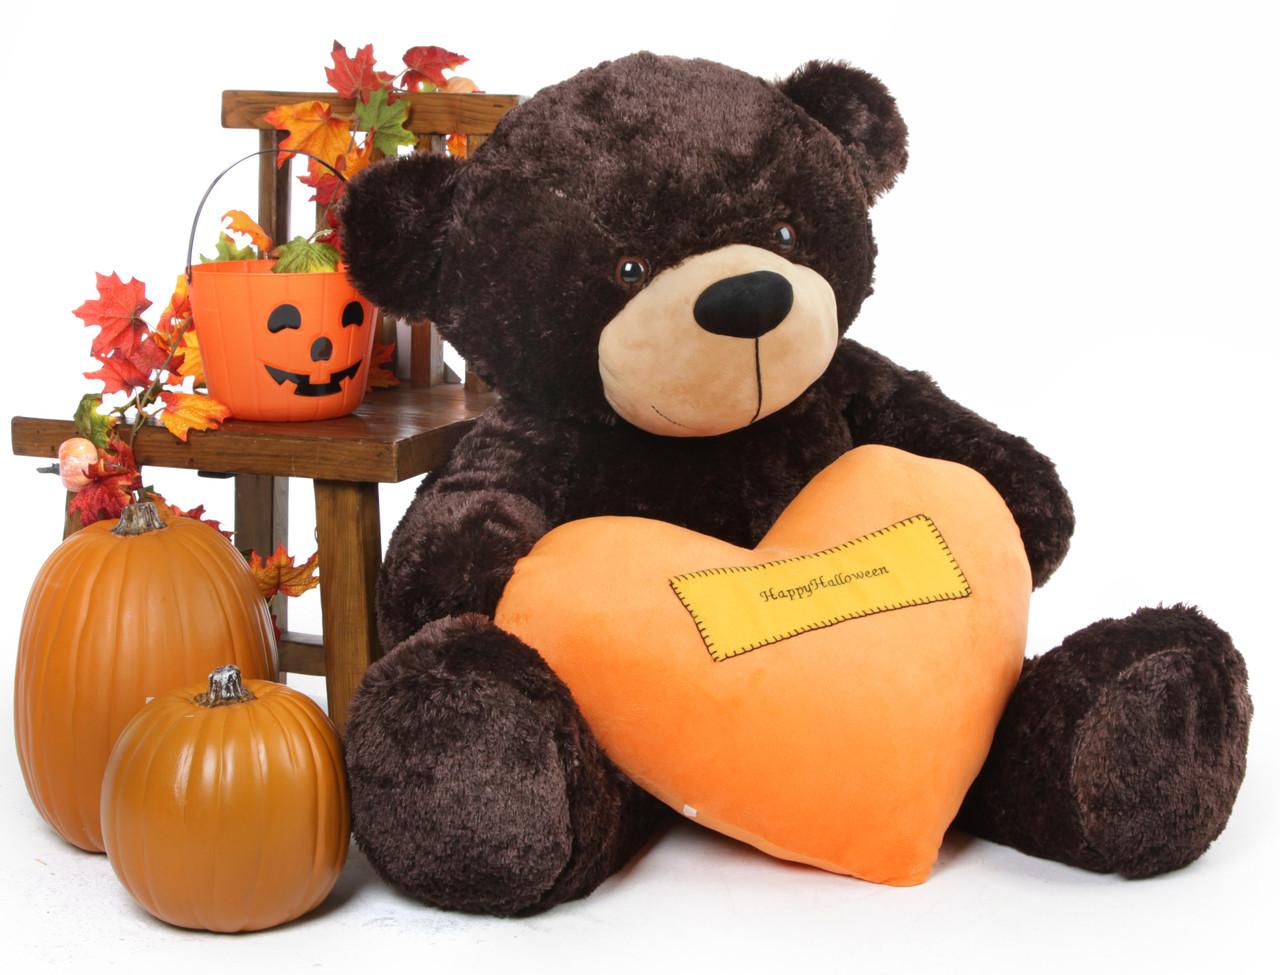 Brownie Cuddles loves Halloween!